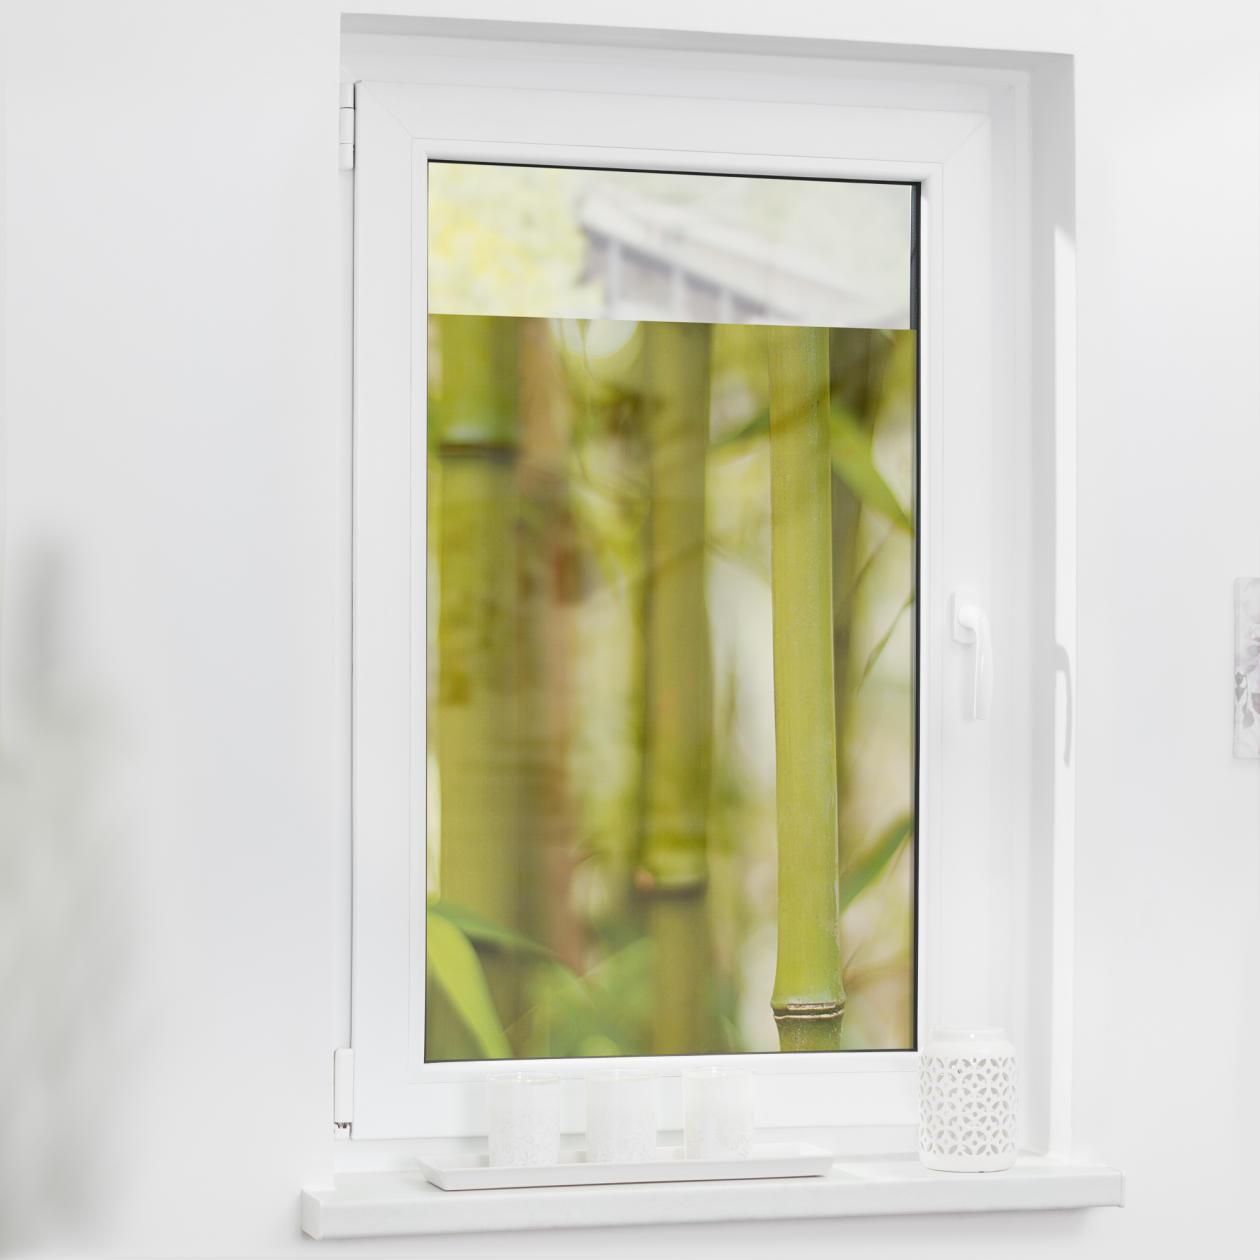 Fensterfolie Selbstklebend Sichtschutz Bambus Grun Lichblick Shop